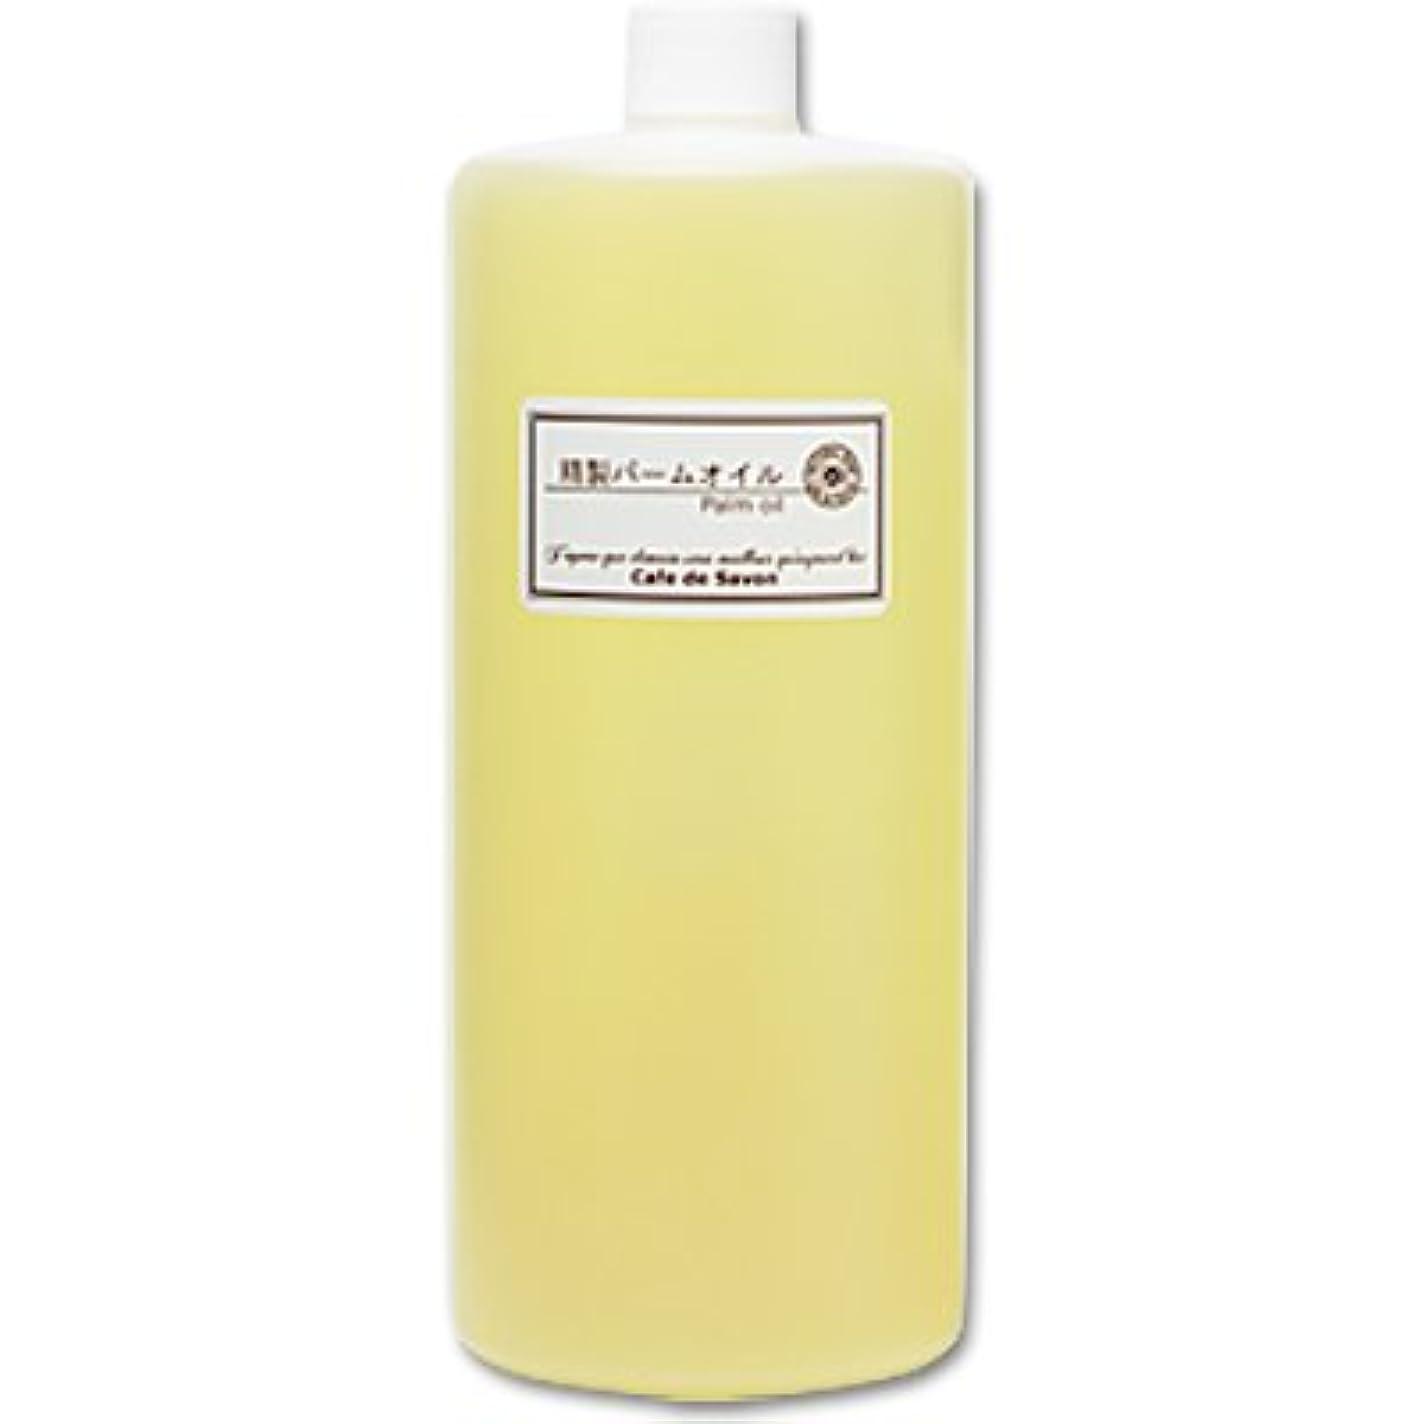 いくつかのおなかがすいた学期精製パームオイル 1Lパーム油 【手作り石鹸/手作り石けん/手作りコスメ】